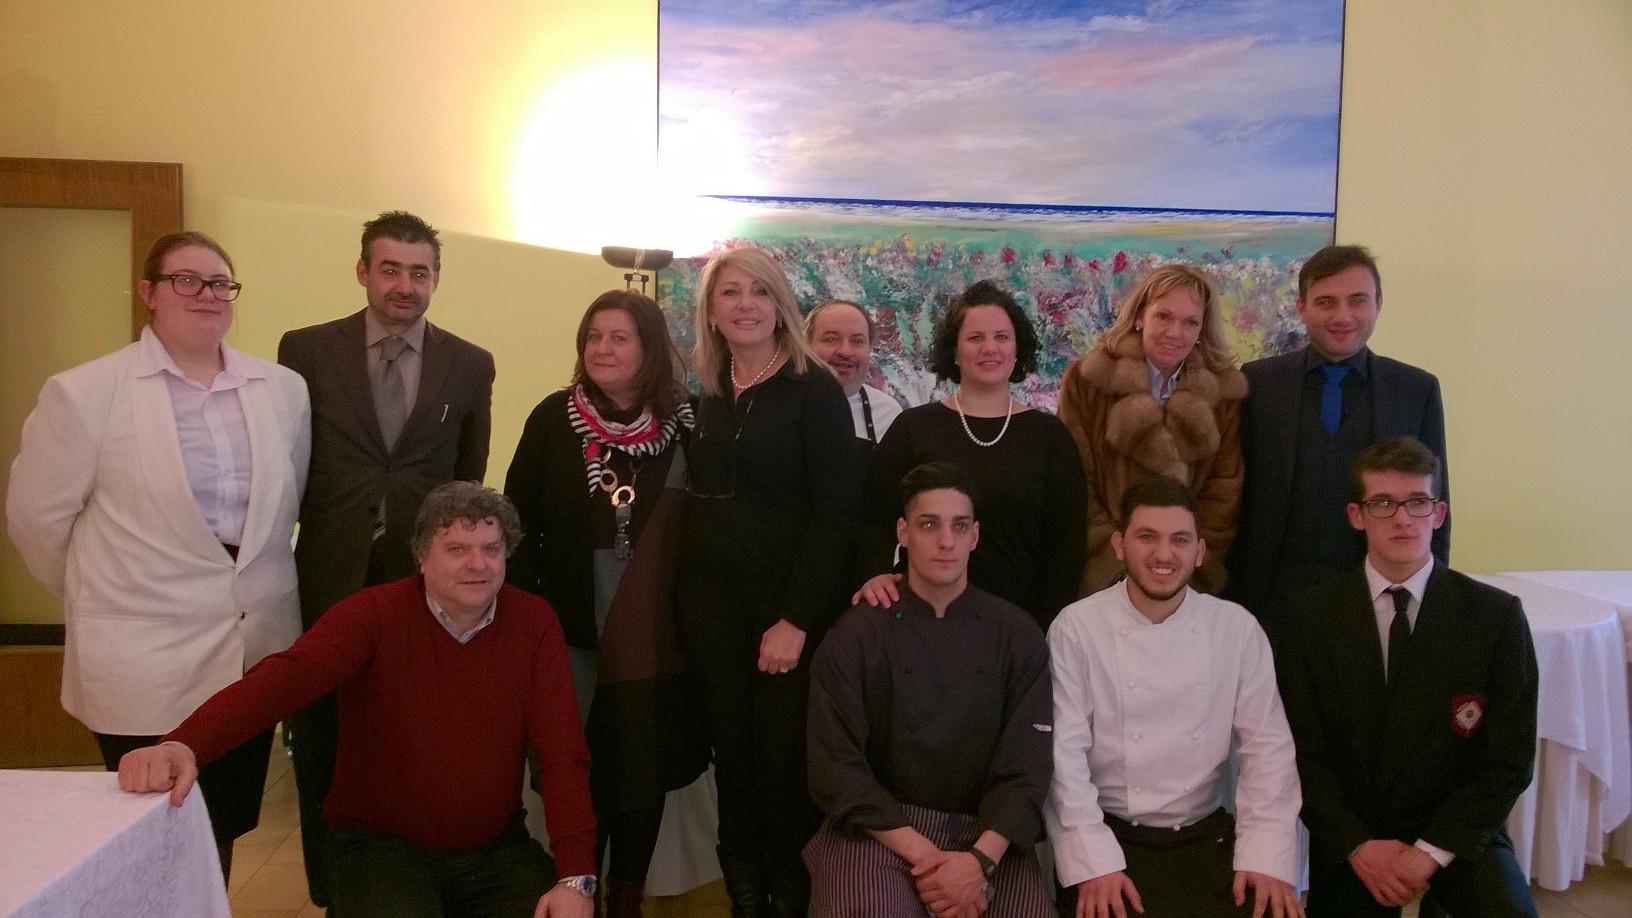 Istituto alberghiero Minuto, foto di gruppo con i vincitori